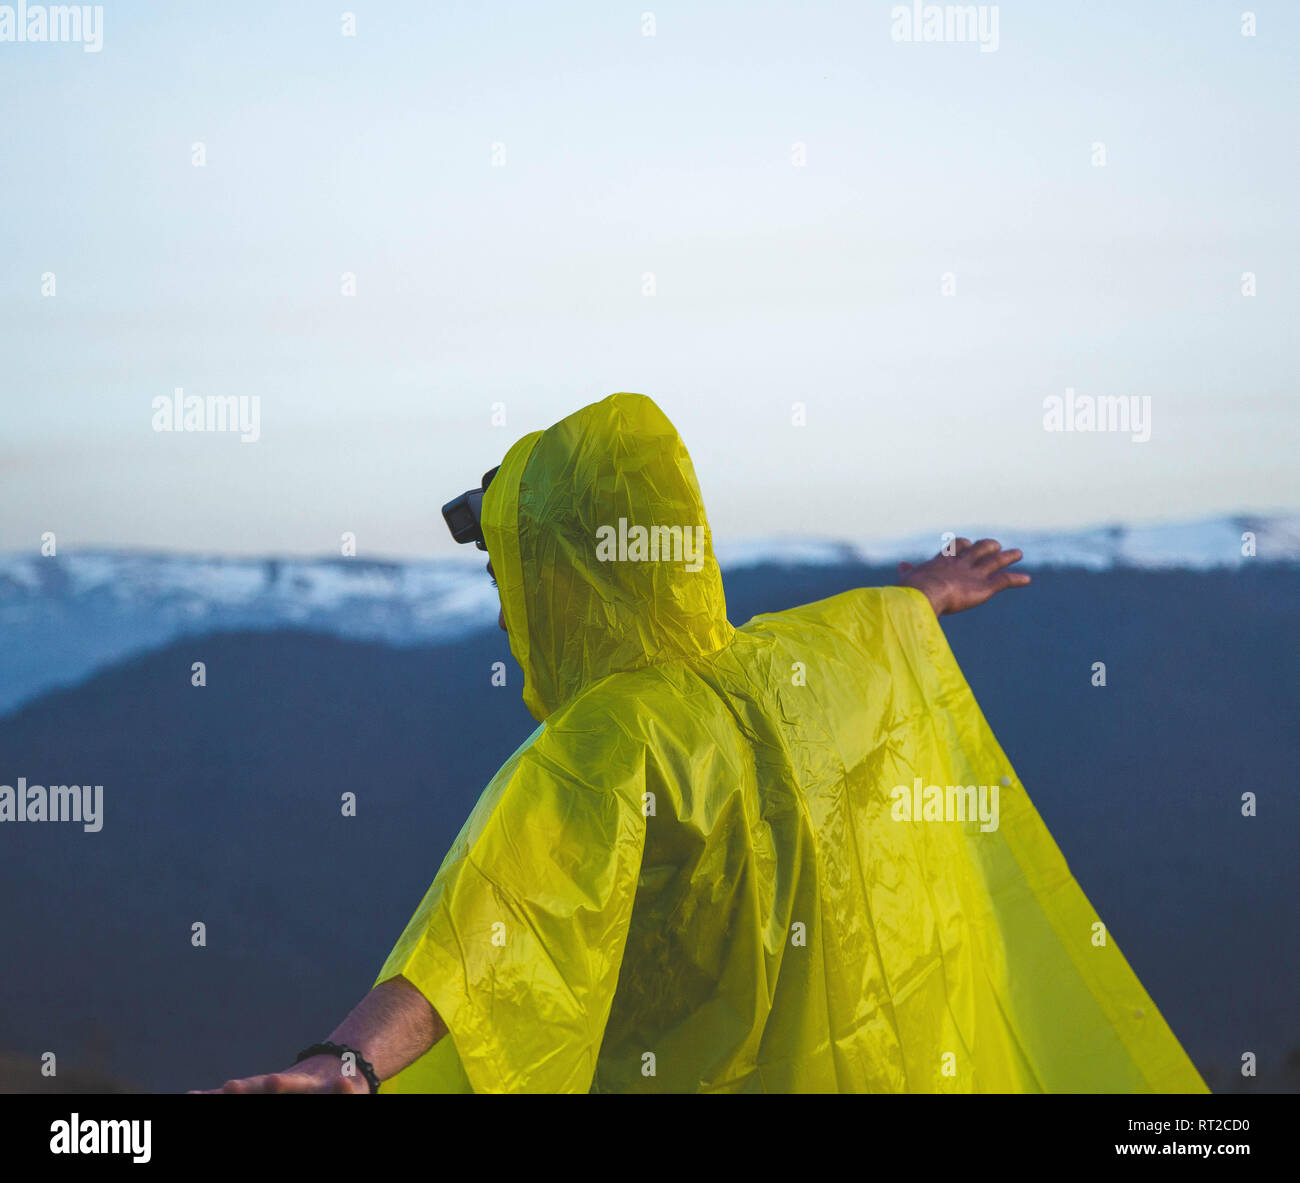 Mann in einem Regenmantel genießen den Regen auf einem Hügel Stockbild